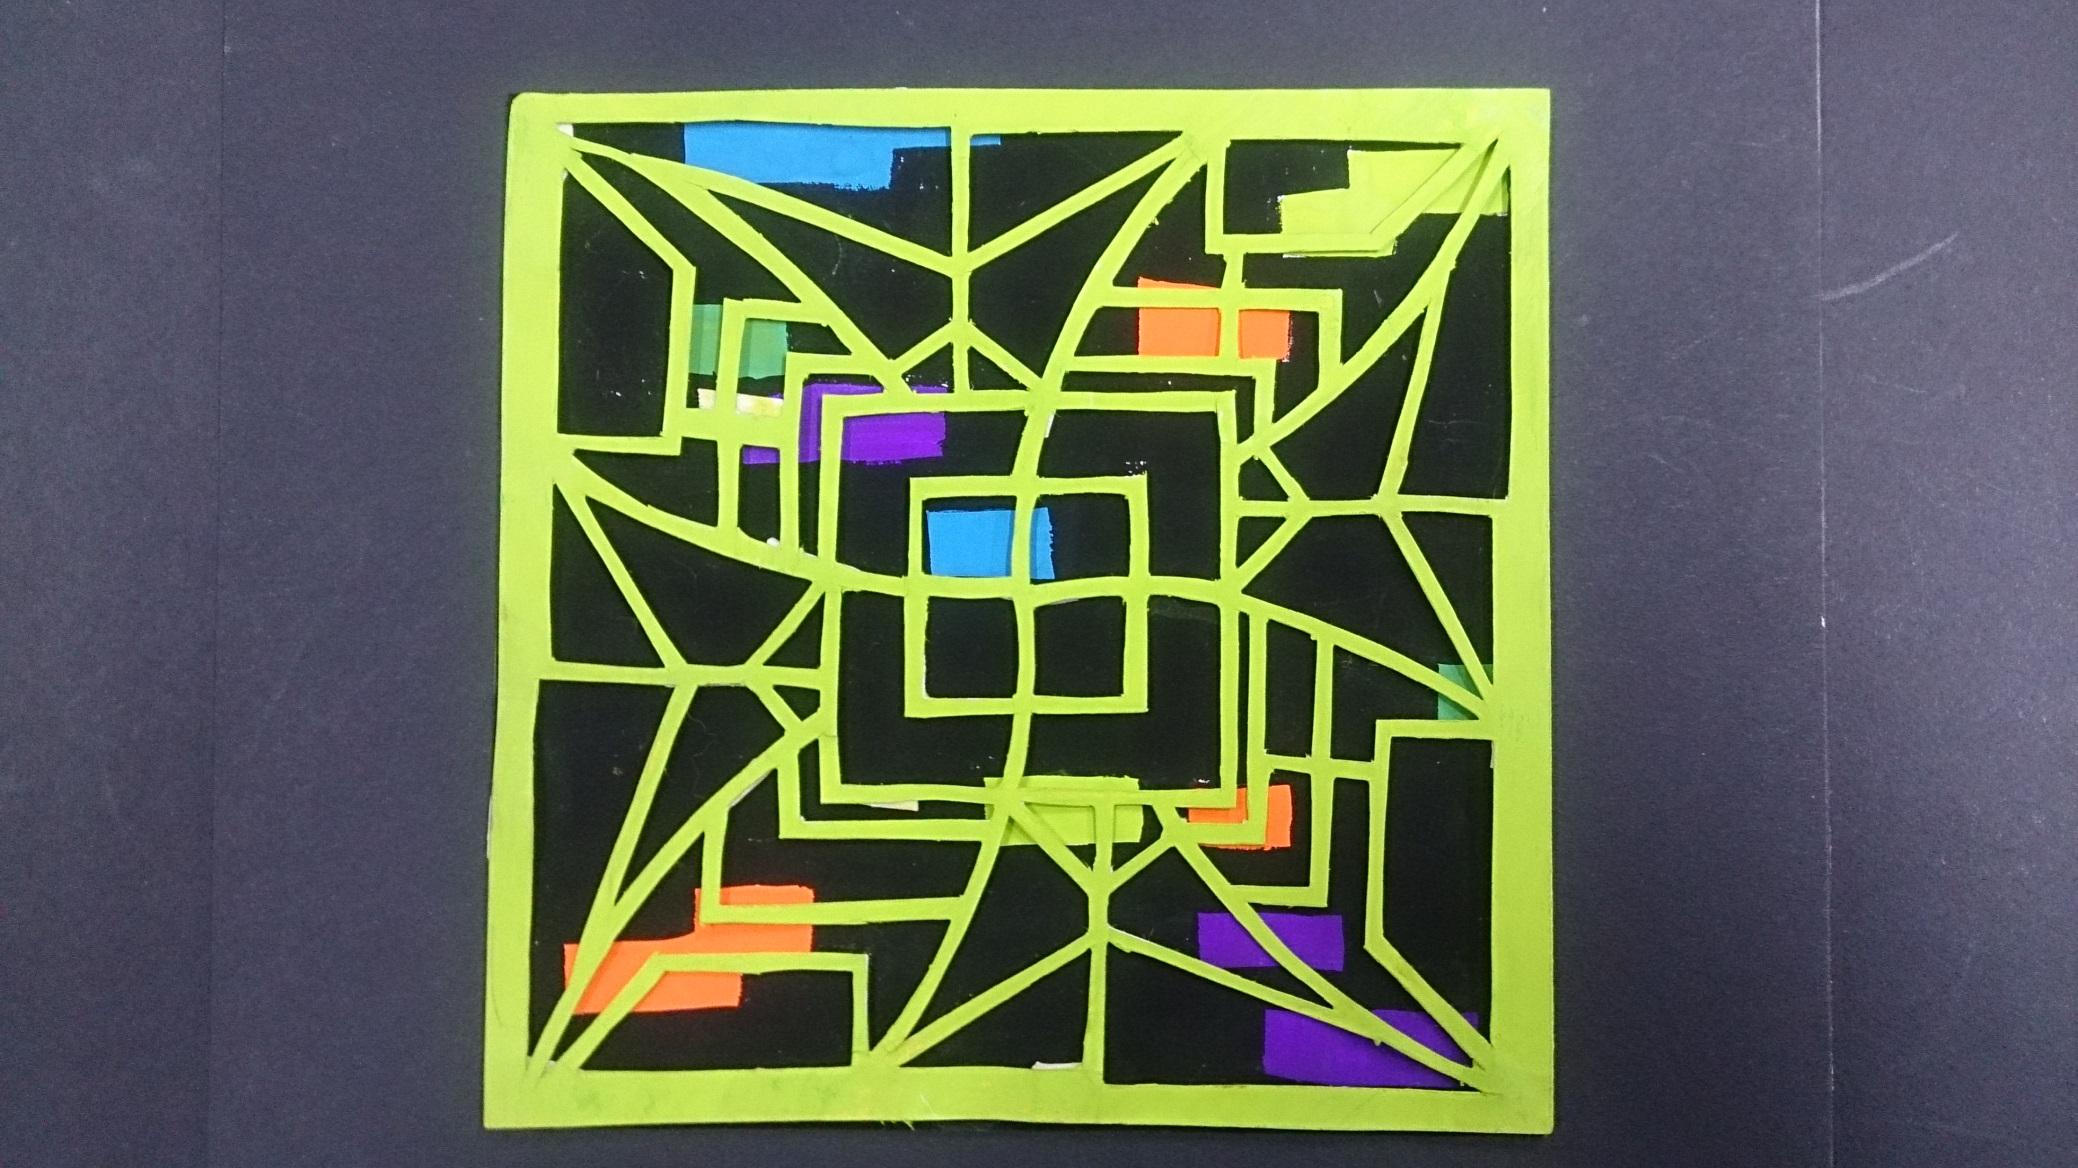 文字窗花造型设计  正方形:两组补色 长方形:两组对比色,两组类似色